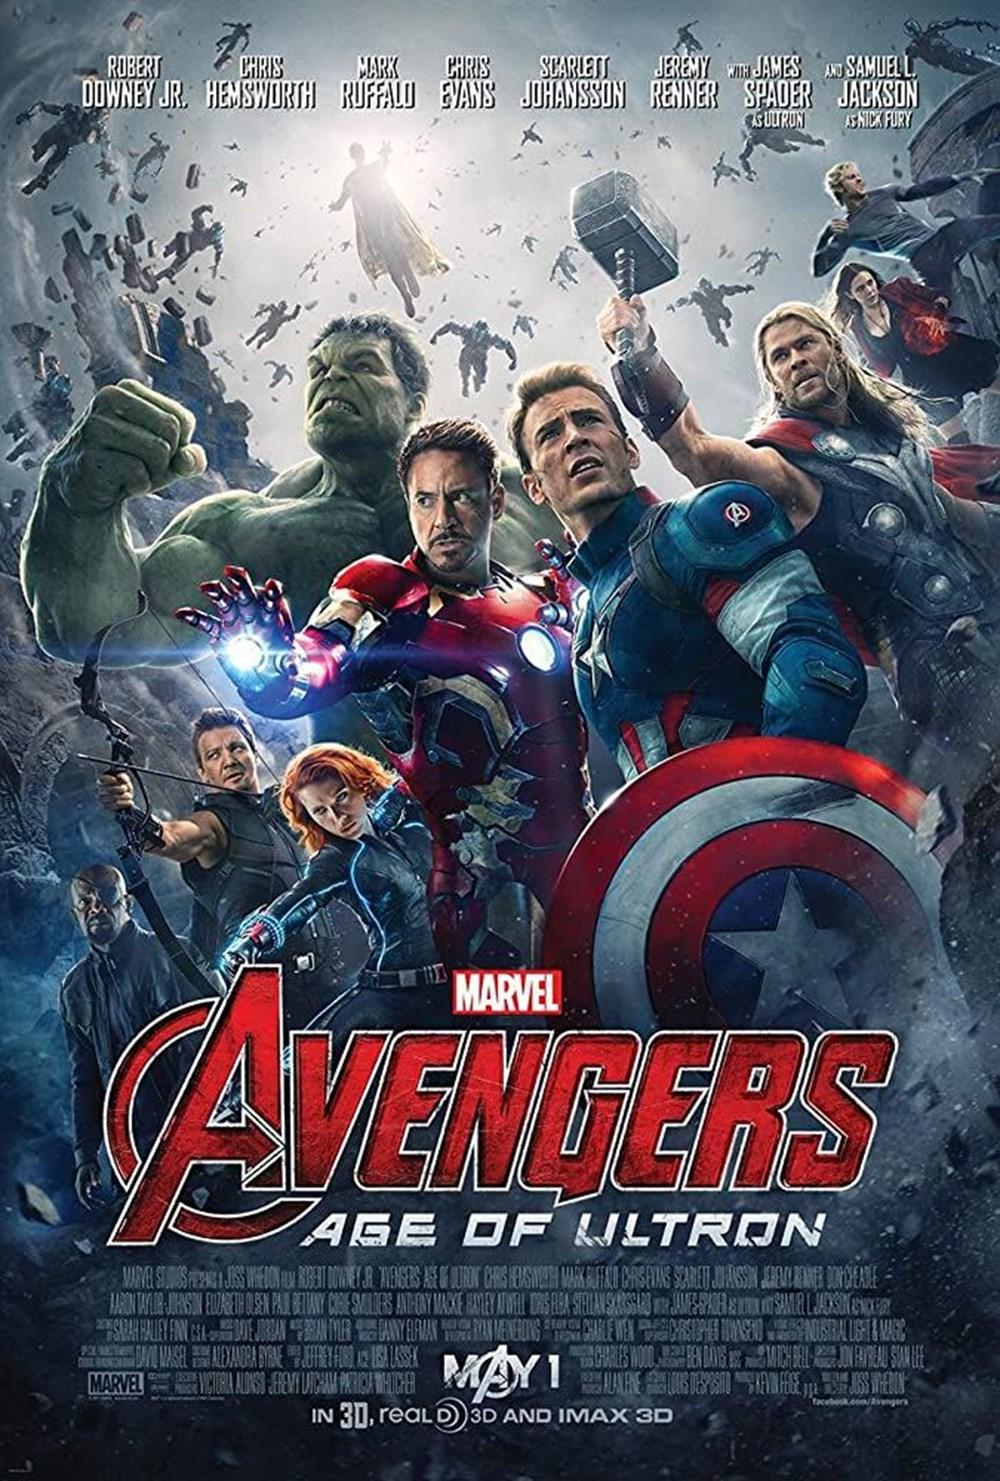 En iyi Marvel filmleri - 46